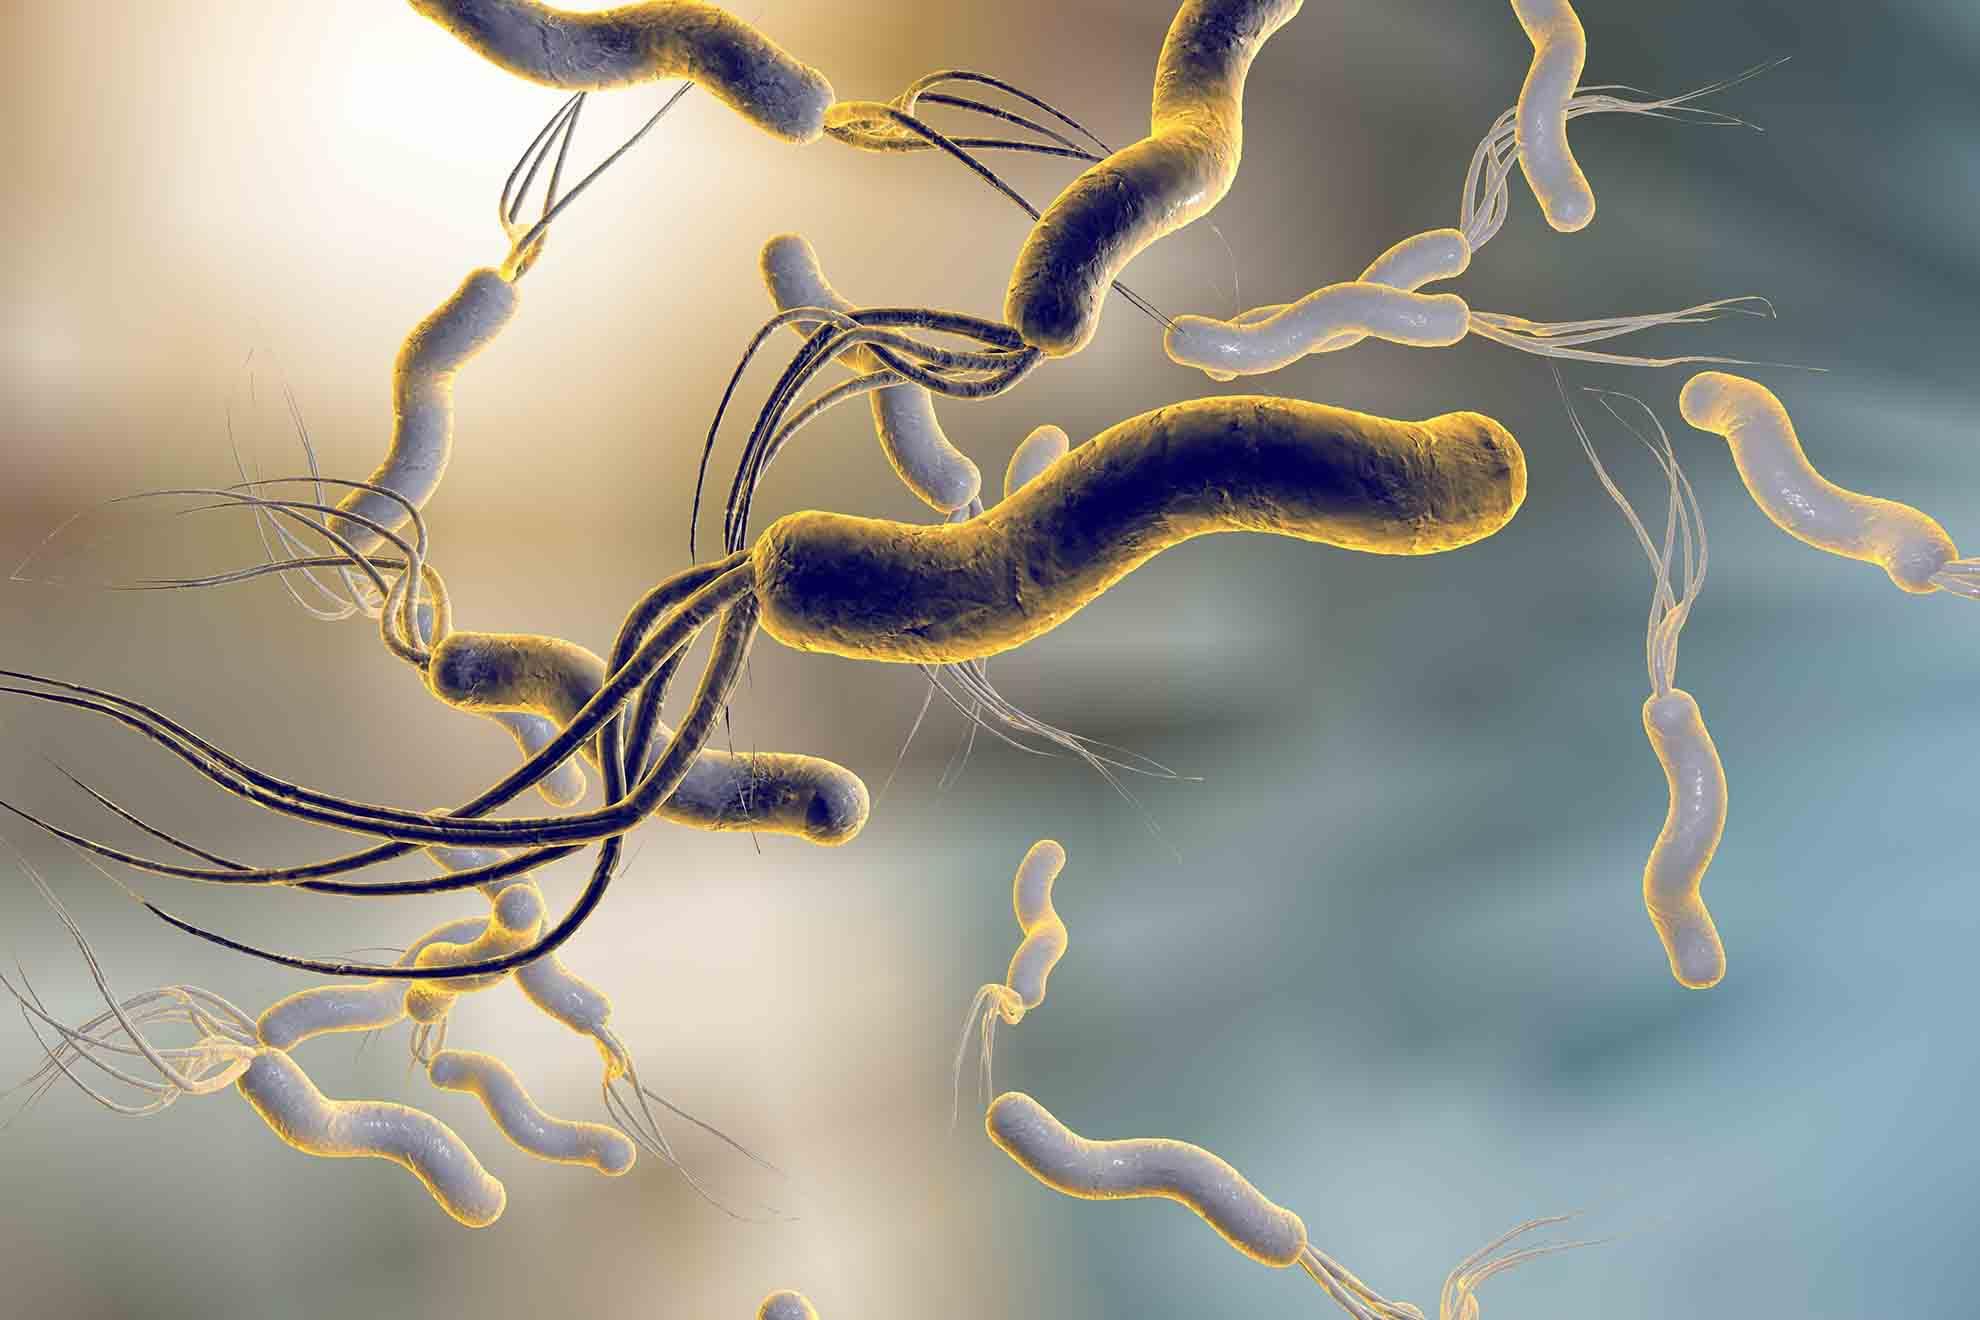 Etwa 80% aller Fälle von chronischer Gastritis sind vom Typ B. Meist werden sie vom Bakterium Helicobacter pylori verursacht